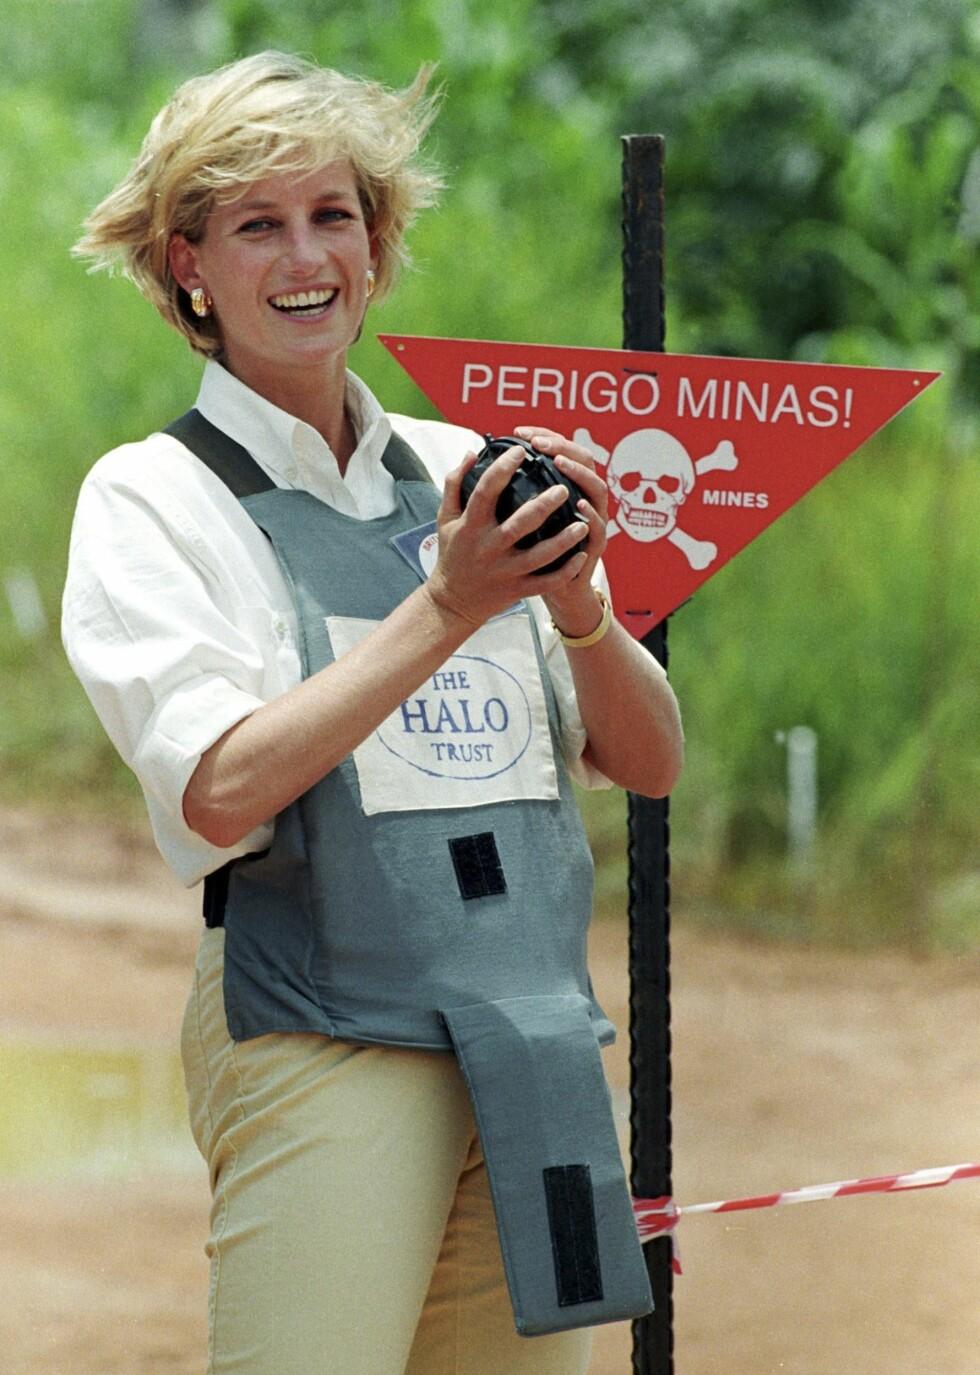 UREDD: Disse bildene av Diana med skuddsikker vest og en landmine i hendene er brent fast på netthinnen vår. Foto: NTB Scanpix